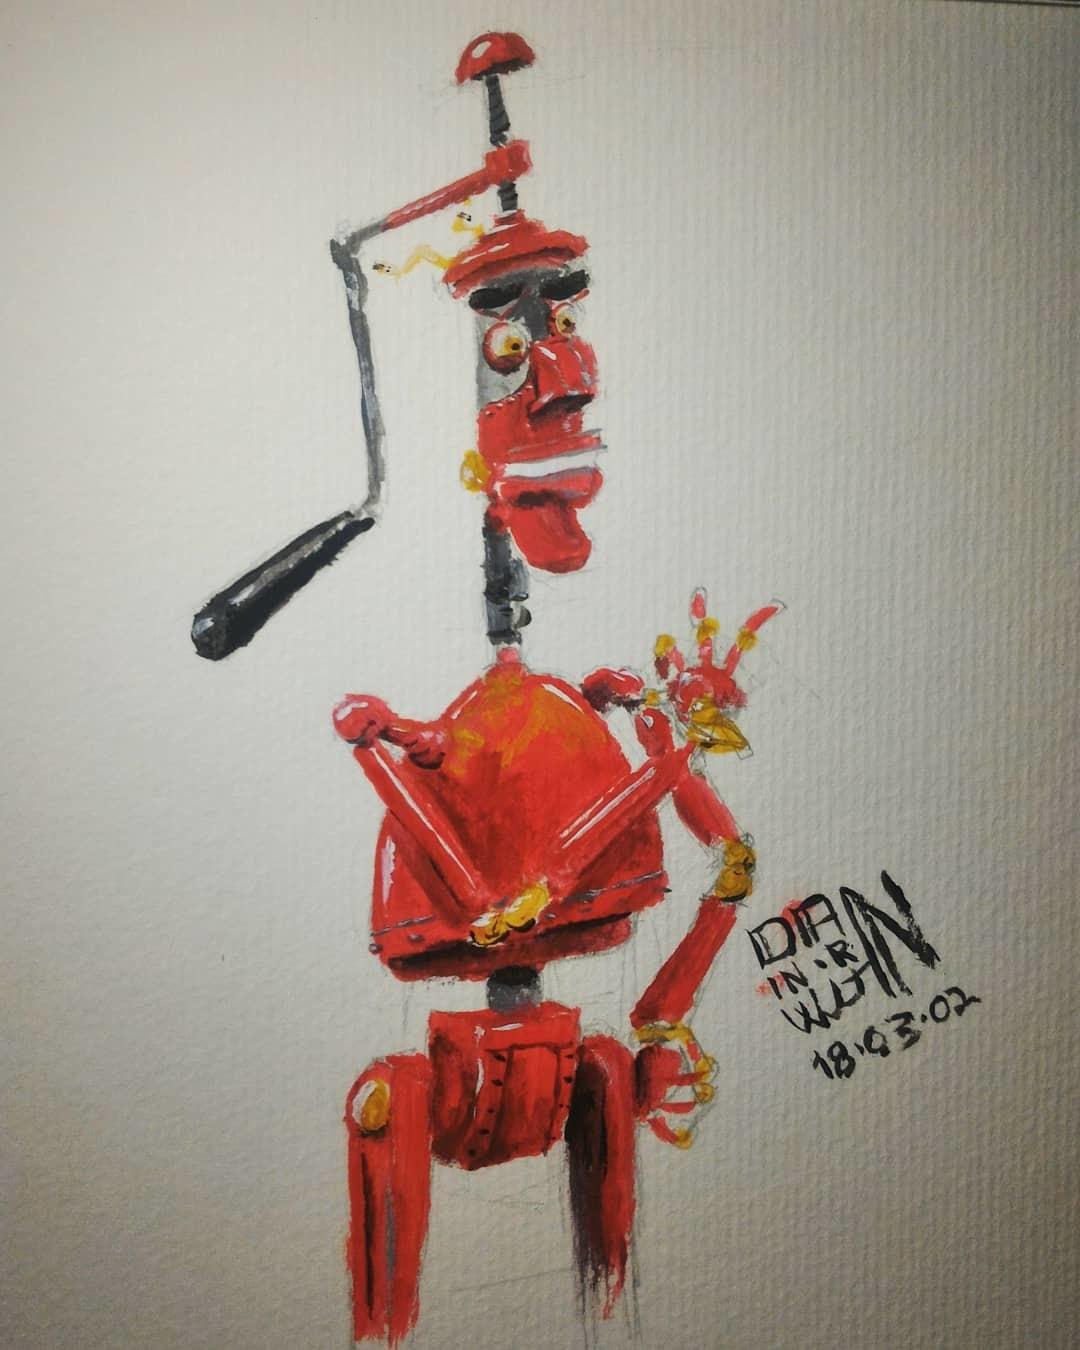 March Of Robots 02 - Fender - Robots (2005). Goache,